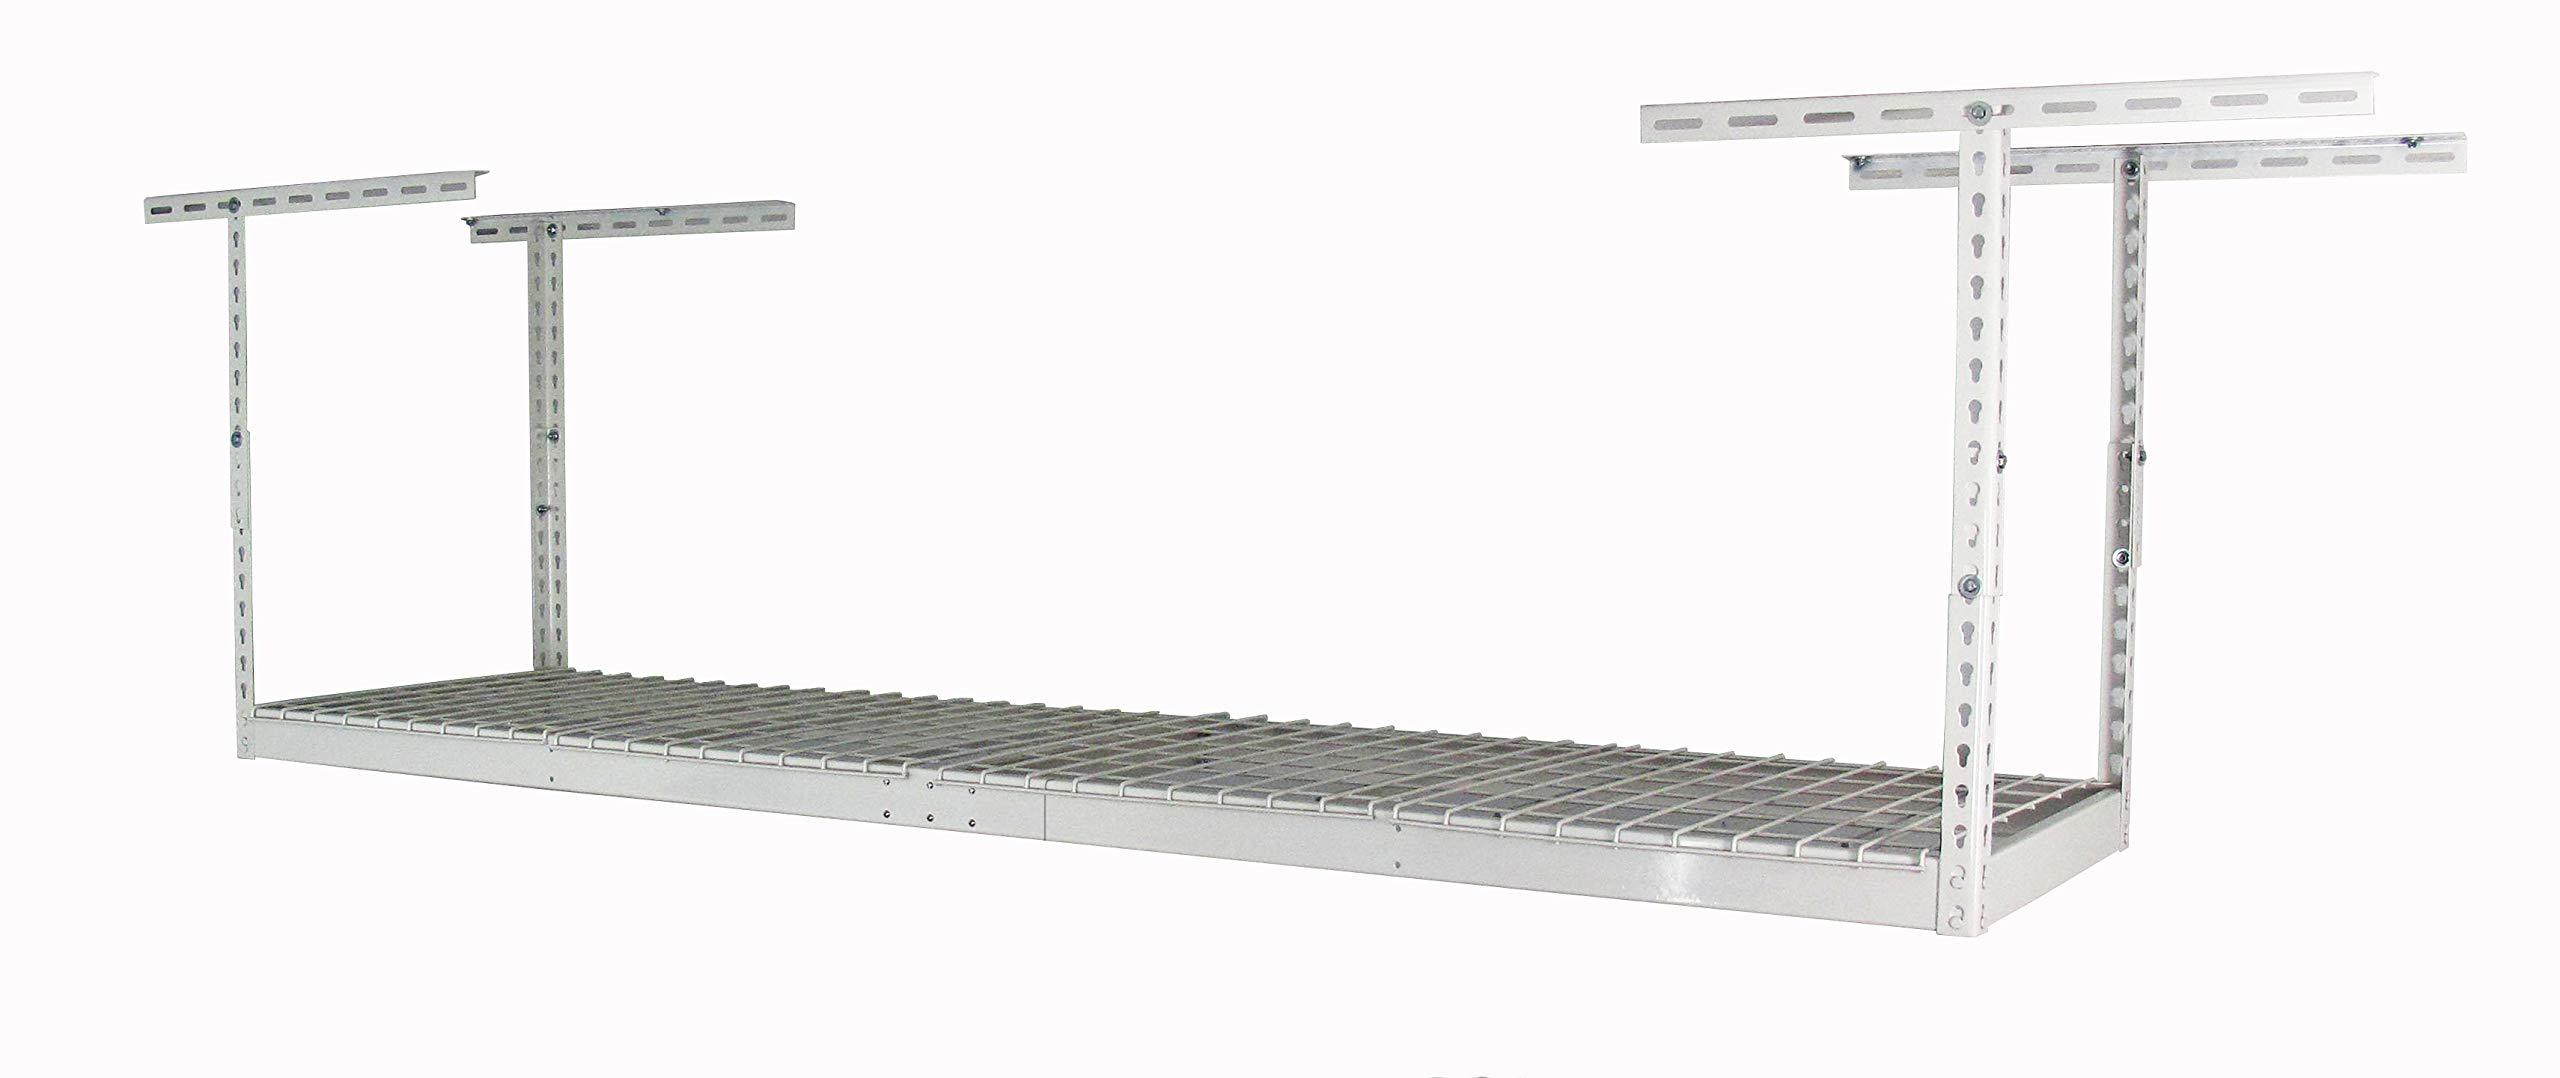 MonsterRax - 2x8 Overhead Garage Storage Rack (18''-33'') by MonsterRax